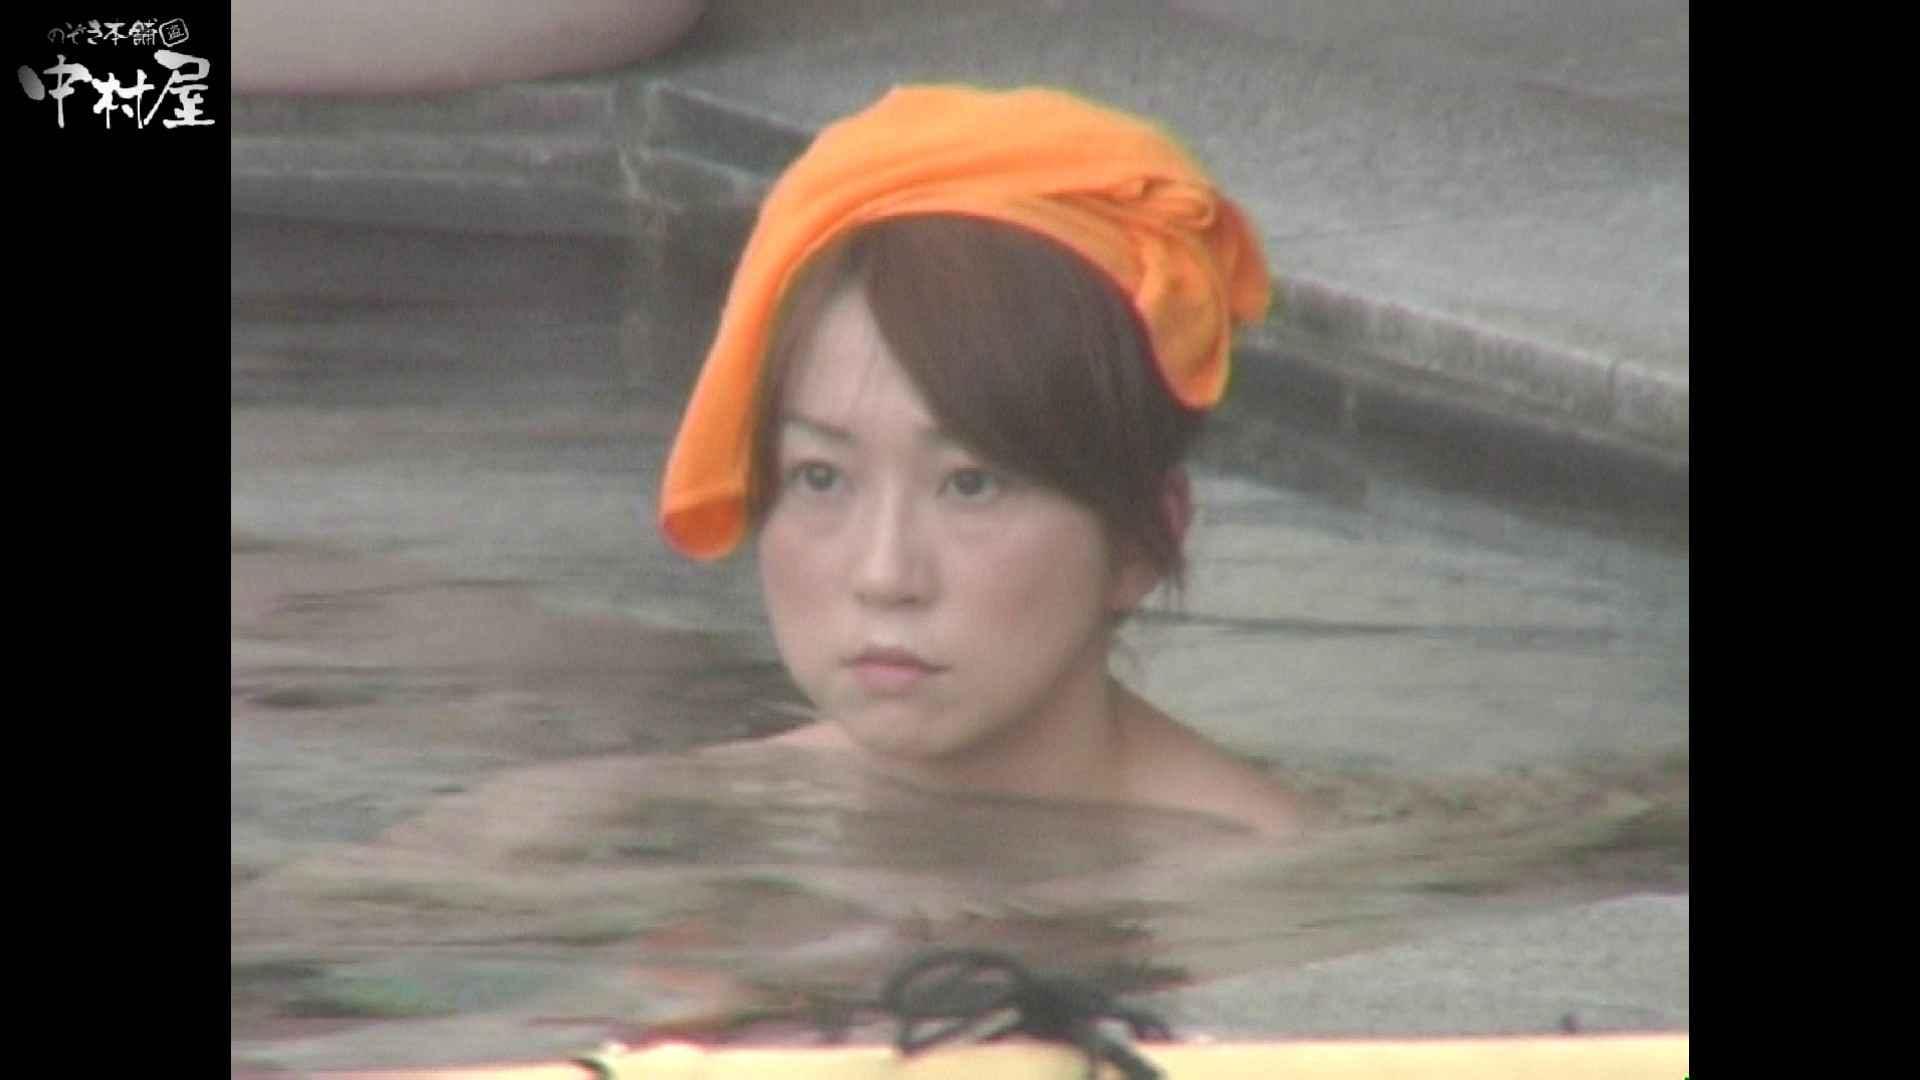 Aquaな露天風呂Vol.941 美しいOLの裸体 アダルト動画キャプチャ 76pic 56